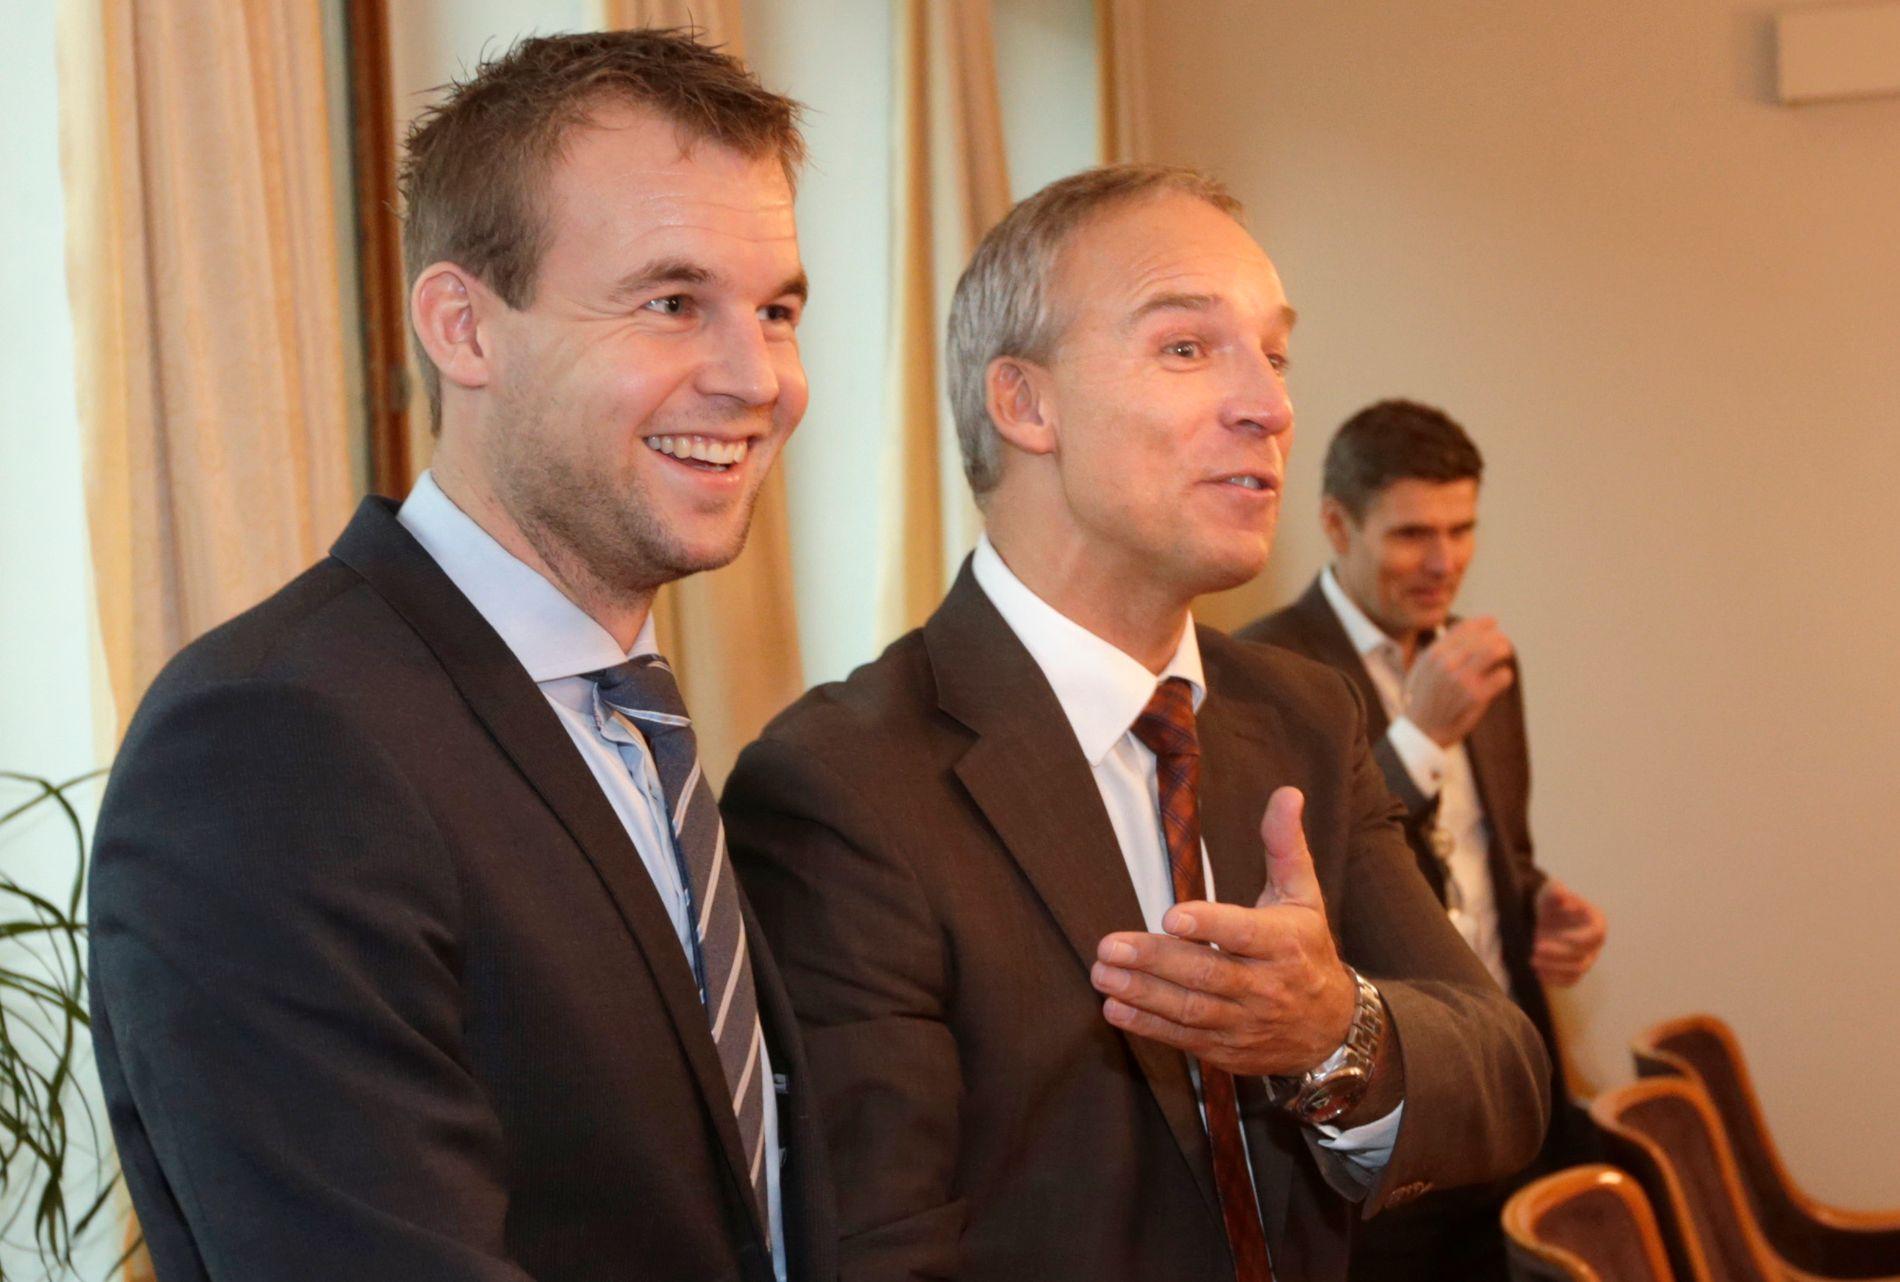 POPULÆRE: Nestleder Kjell Ingolf Ropstad og tidligere parlamentarisk leder Hans Olav Syversen blir pekt på som populære arvtakere til å ta over ledertronen i KrF.